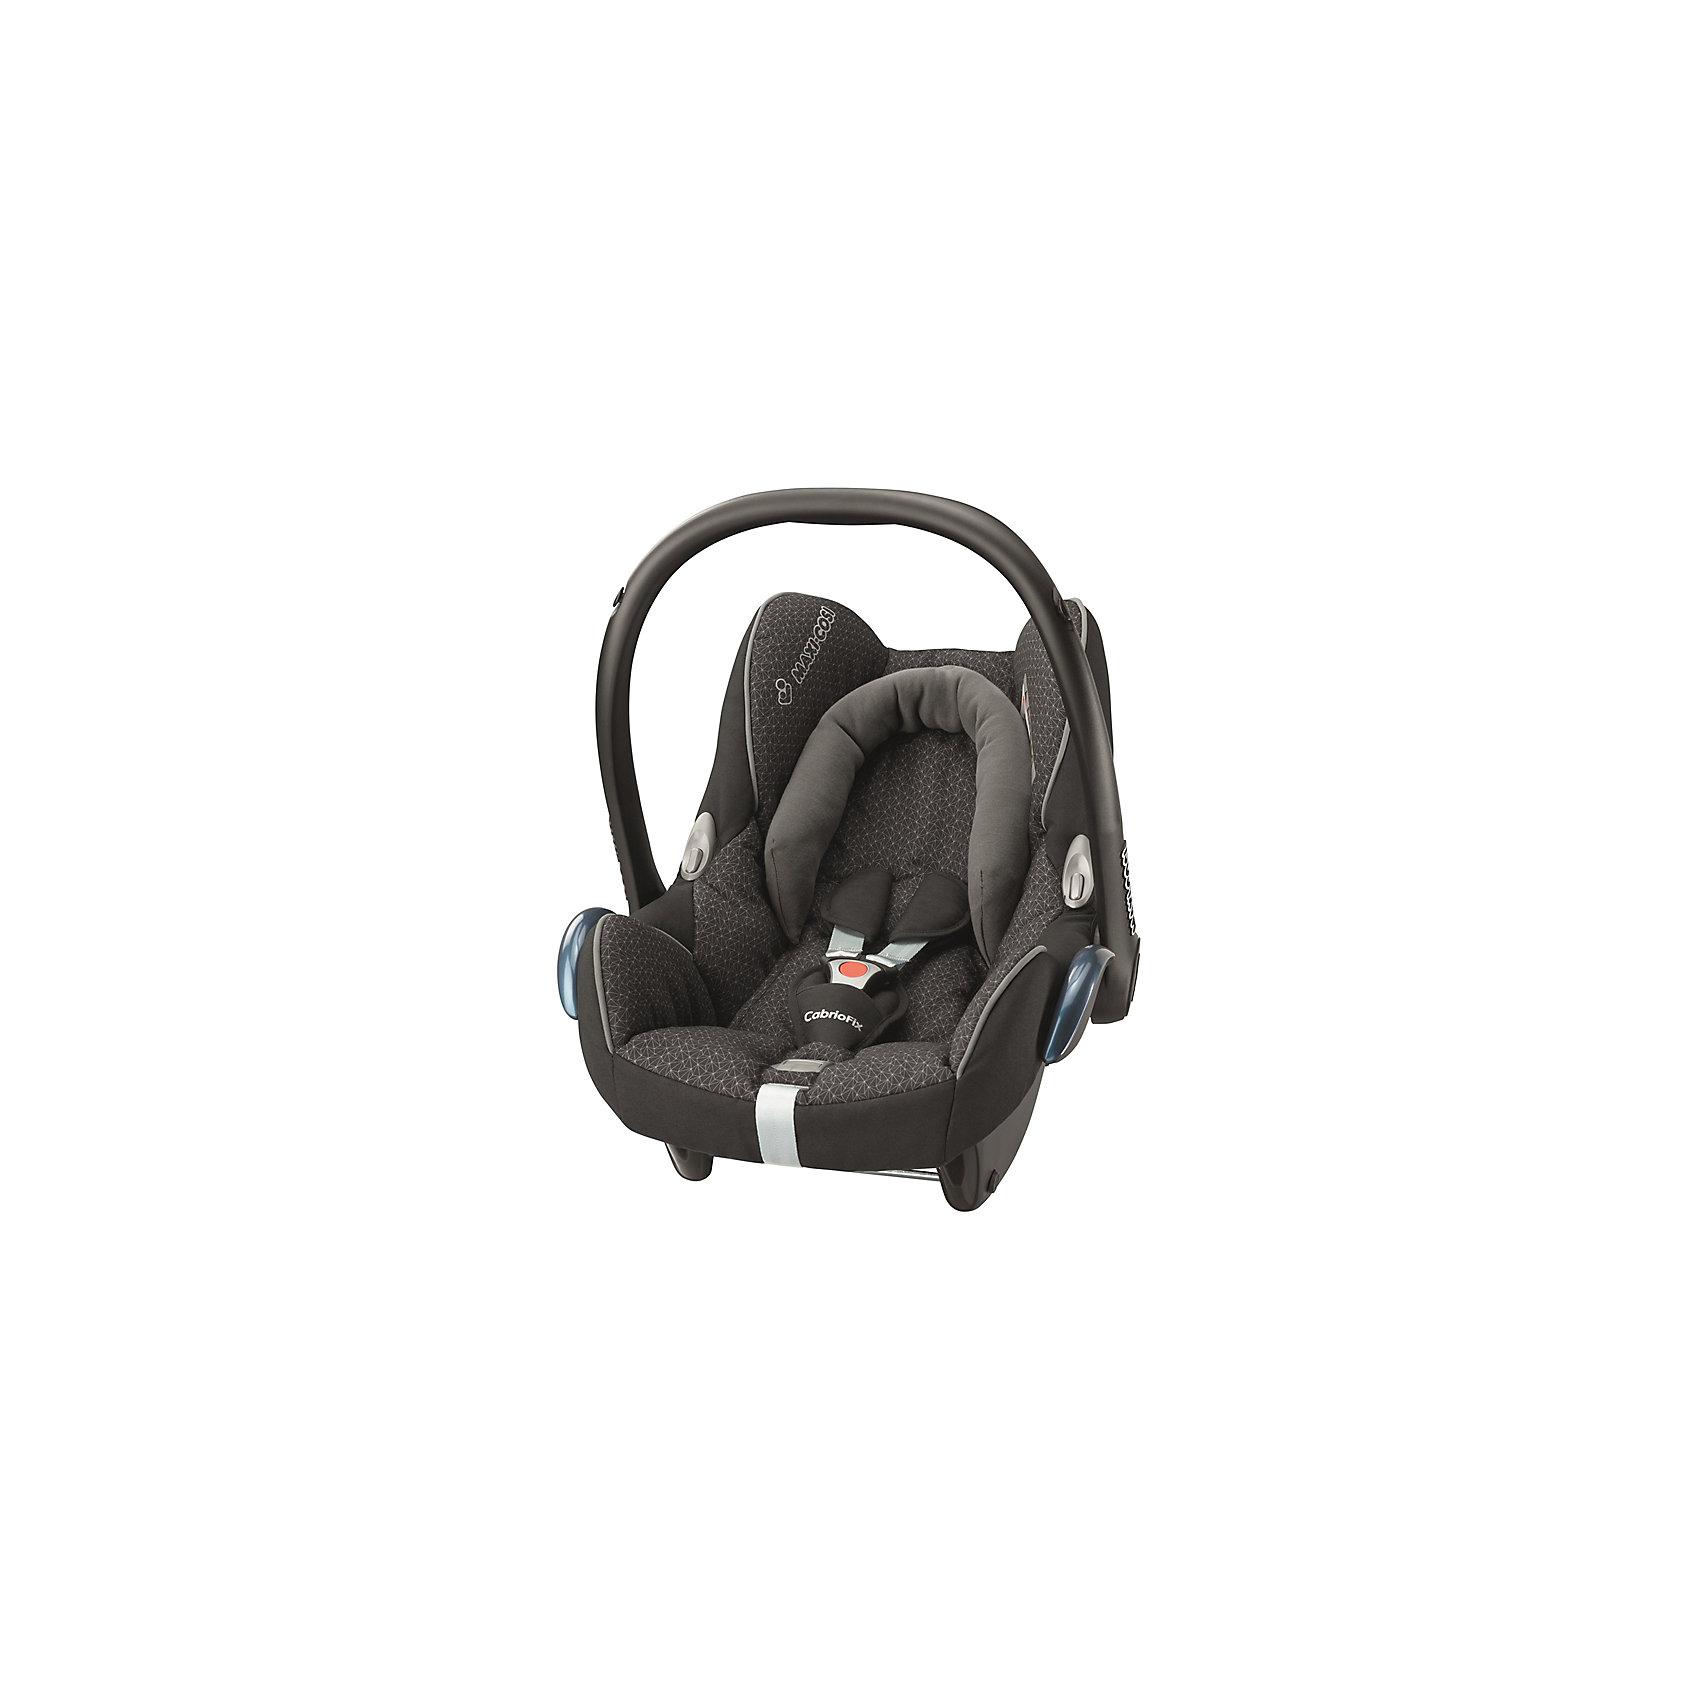 Автокресло Maxi-Cosi CabrioFix 0-13 кг, черный кристаллГруппа 0+ (До 13 кг)<br>Автокресло CabrioFix - это легкое и просторное автокресло для самых маленьких. Устанавливается в направлении, противоположном направлению движения, с помощью стандартного трехполосного ремня безопасности. Сидение анатомической формы, удобный мягкий подголовник, специальная подушечка для поддержки спинки ребенка обеспечат комфорт и удобство во время путешествия. Спинка кресла регулируется в двух положениях: лежа или сидя. Имеется встроенный регулятор, благодаря которому глубина сидения варьируется в зависимости от веса ребенка. За безопасность маленького путешественника будут отвечать надежные 3-точечные регулируемые ремни безопасности с мягкими вставками на плечиках и в зоне животика. Имеются специальные крючки, удерживающие ремни безопасности в стороне, и откидывающаяся пряжка, благодаря чему ремни и пряжка не падают за спину ребенка и не мешают укладывать малыша в автокресло. Увеличенные бортики обеспечат надежную защиту от боковых ударов. Автокресло Cabriofix также можно использовать как кресло-переноску или прогулочный блок коляски. Специальный встроенный козырек укроет малыша от вредных ультрафиолетовых лучей солнца, сильного ветра и дождя. Козырек от солнца складывается непосредственно в обод автокресла. Регулируемая эргономическая ручка обеспечивает простую и удобную переноску. Ручка выполняет функции дополнительной защиты от фронтального удара. Гипоаллергенный материал съемного чехла очень легко стирается. Автокресло Cabriofix от фирмы Maxi Cosi отвечает всем требованиям европейского стандарта безопасности ECE R44/03.<br><br>Дополнительная информация:<br>- Группа 0 (для детей весом 0-13 кг. с рождения до 12 месяцев)<br>- Материал: пластик, полиэстер<br>- Максимальная ширина внутри сидения: 44 см.<br>- Ширина сиденья внутри сидения по бедрам: 29 см.<br>- Максимальная глубина сиденья: 31 см.<br>- Длина спинки внутренняя: 50 см.<br>- Длина: 71 см.<br>- Высота с ручкой: 57 см.<br>- Ве